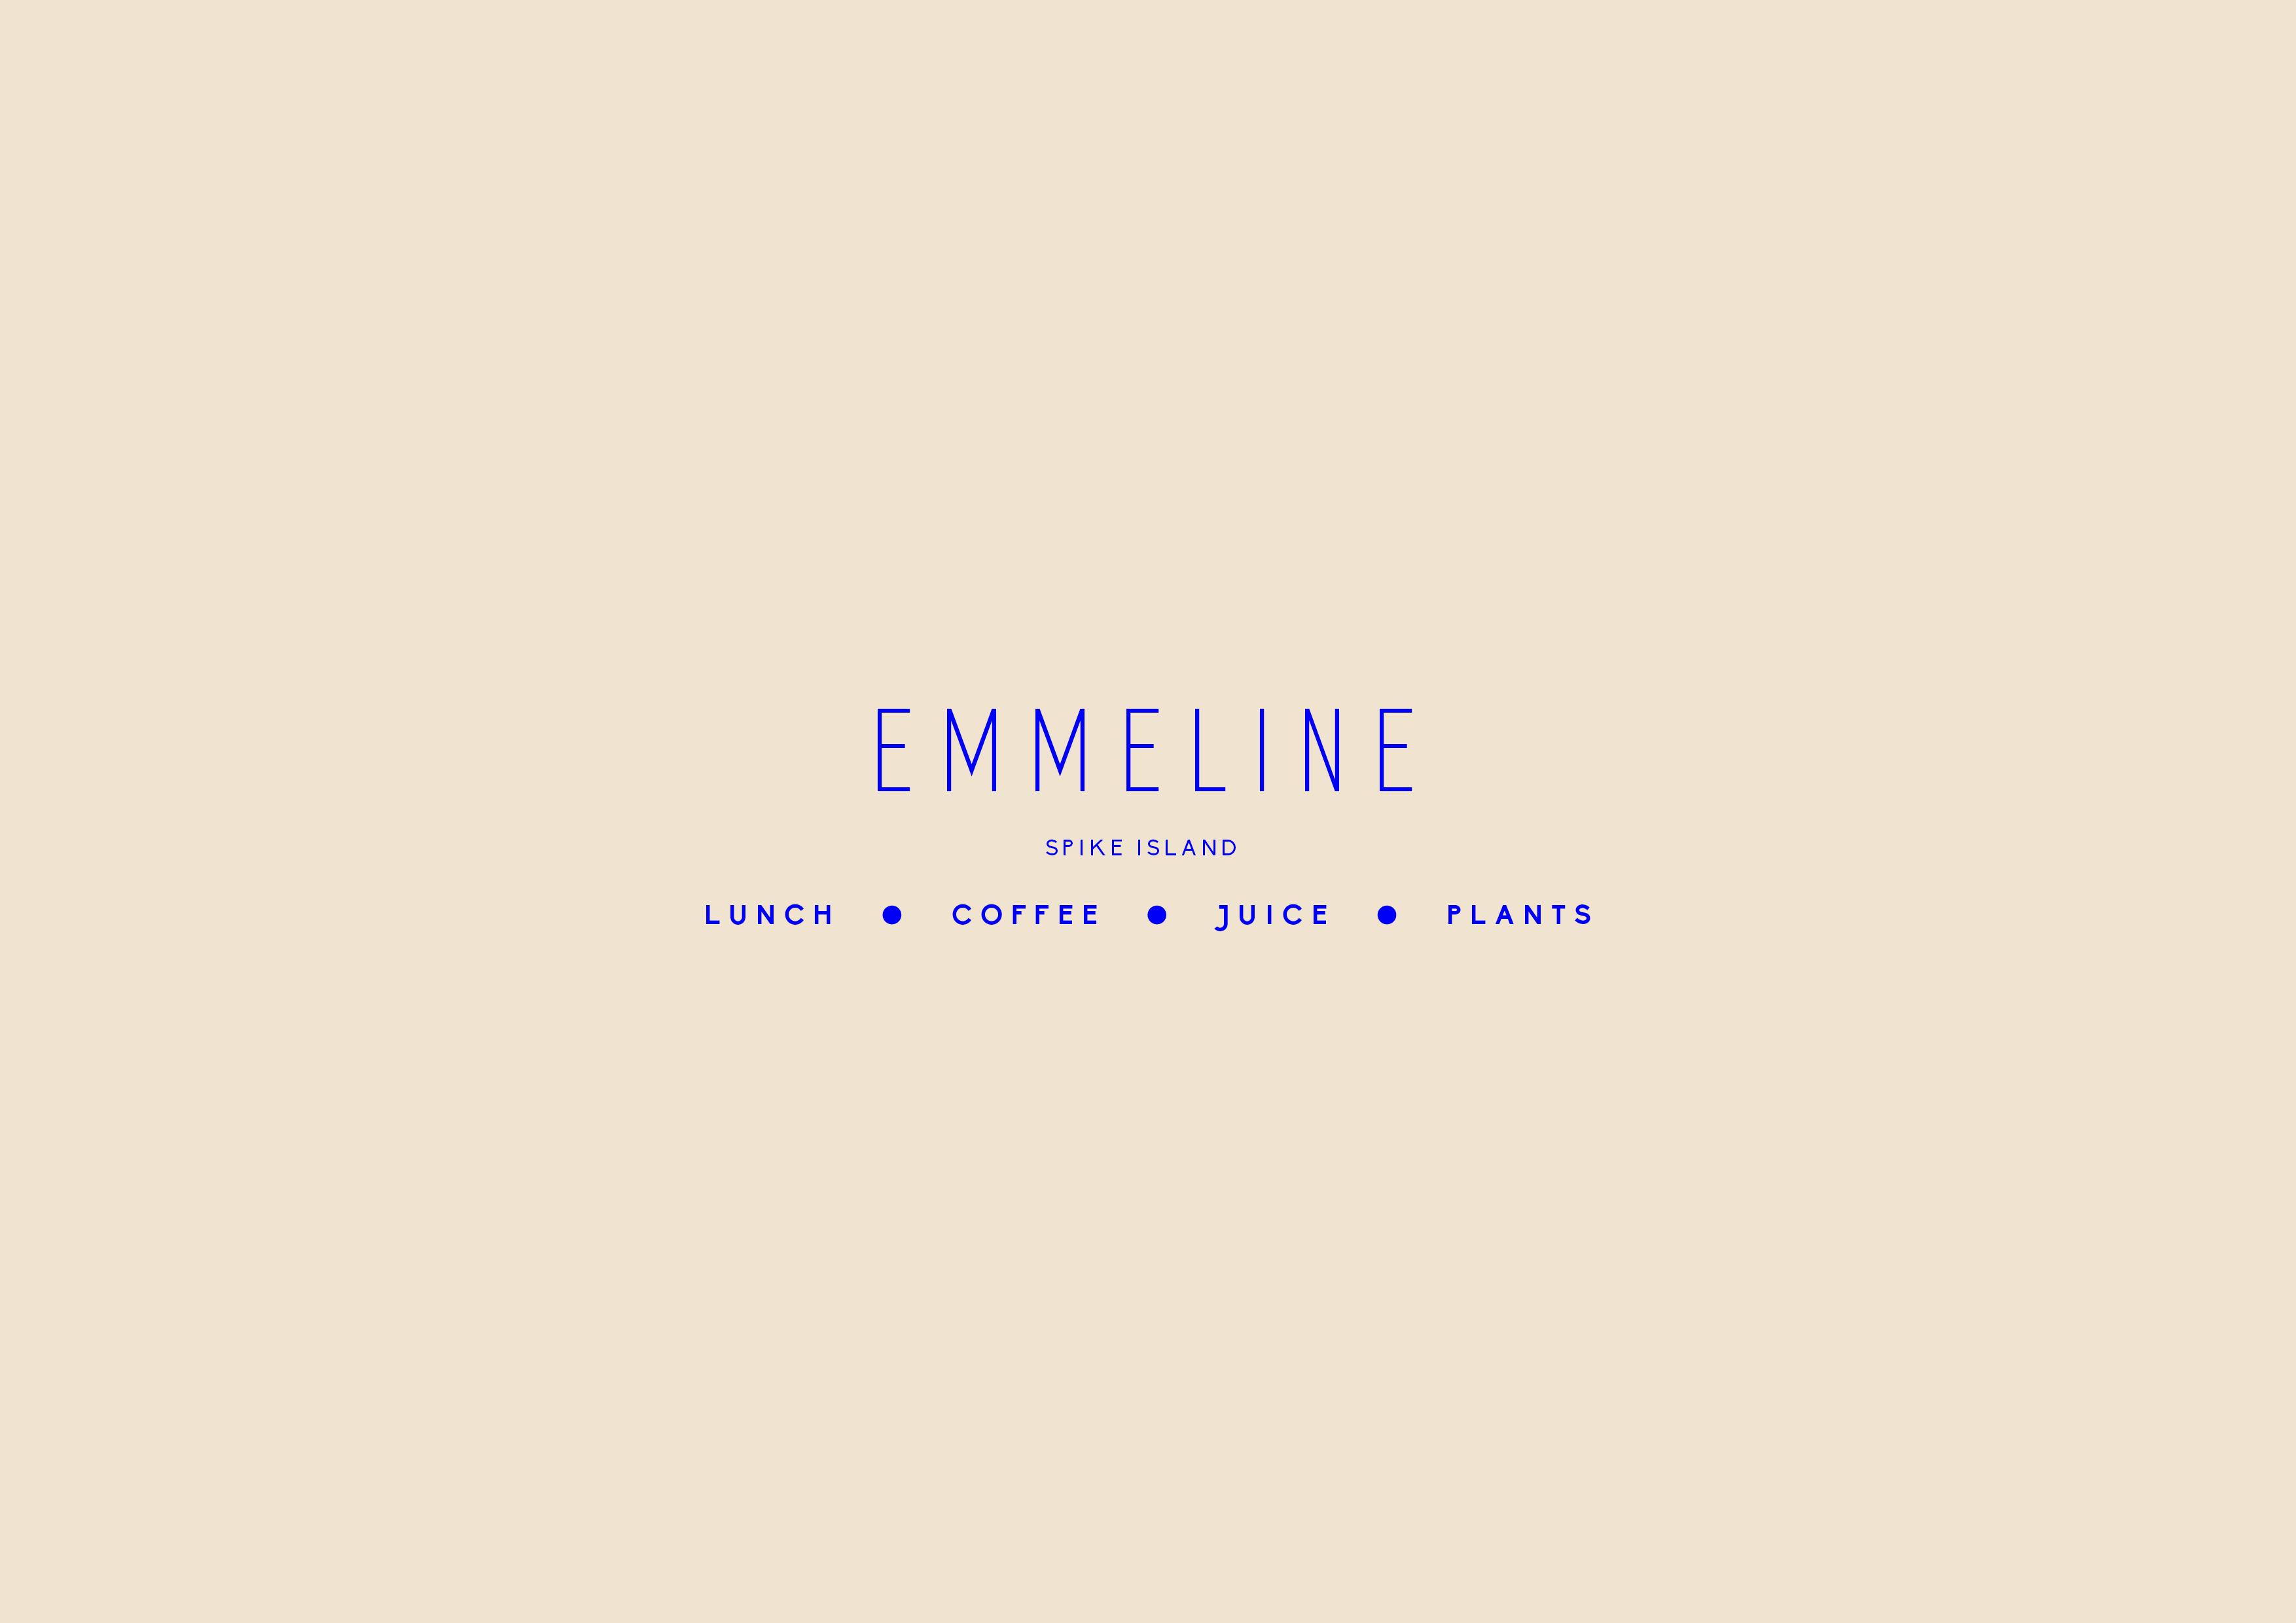 emmeline-mock-up7